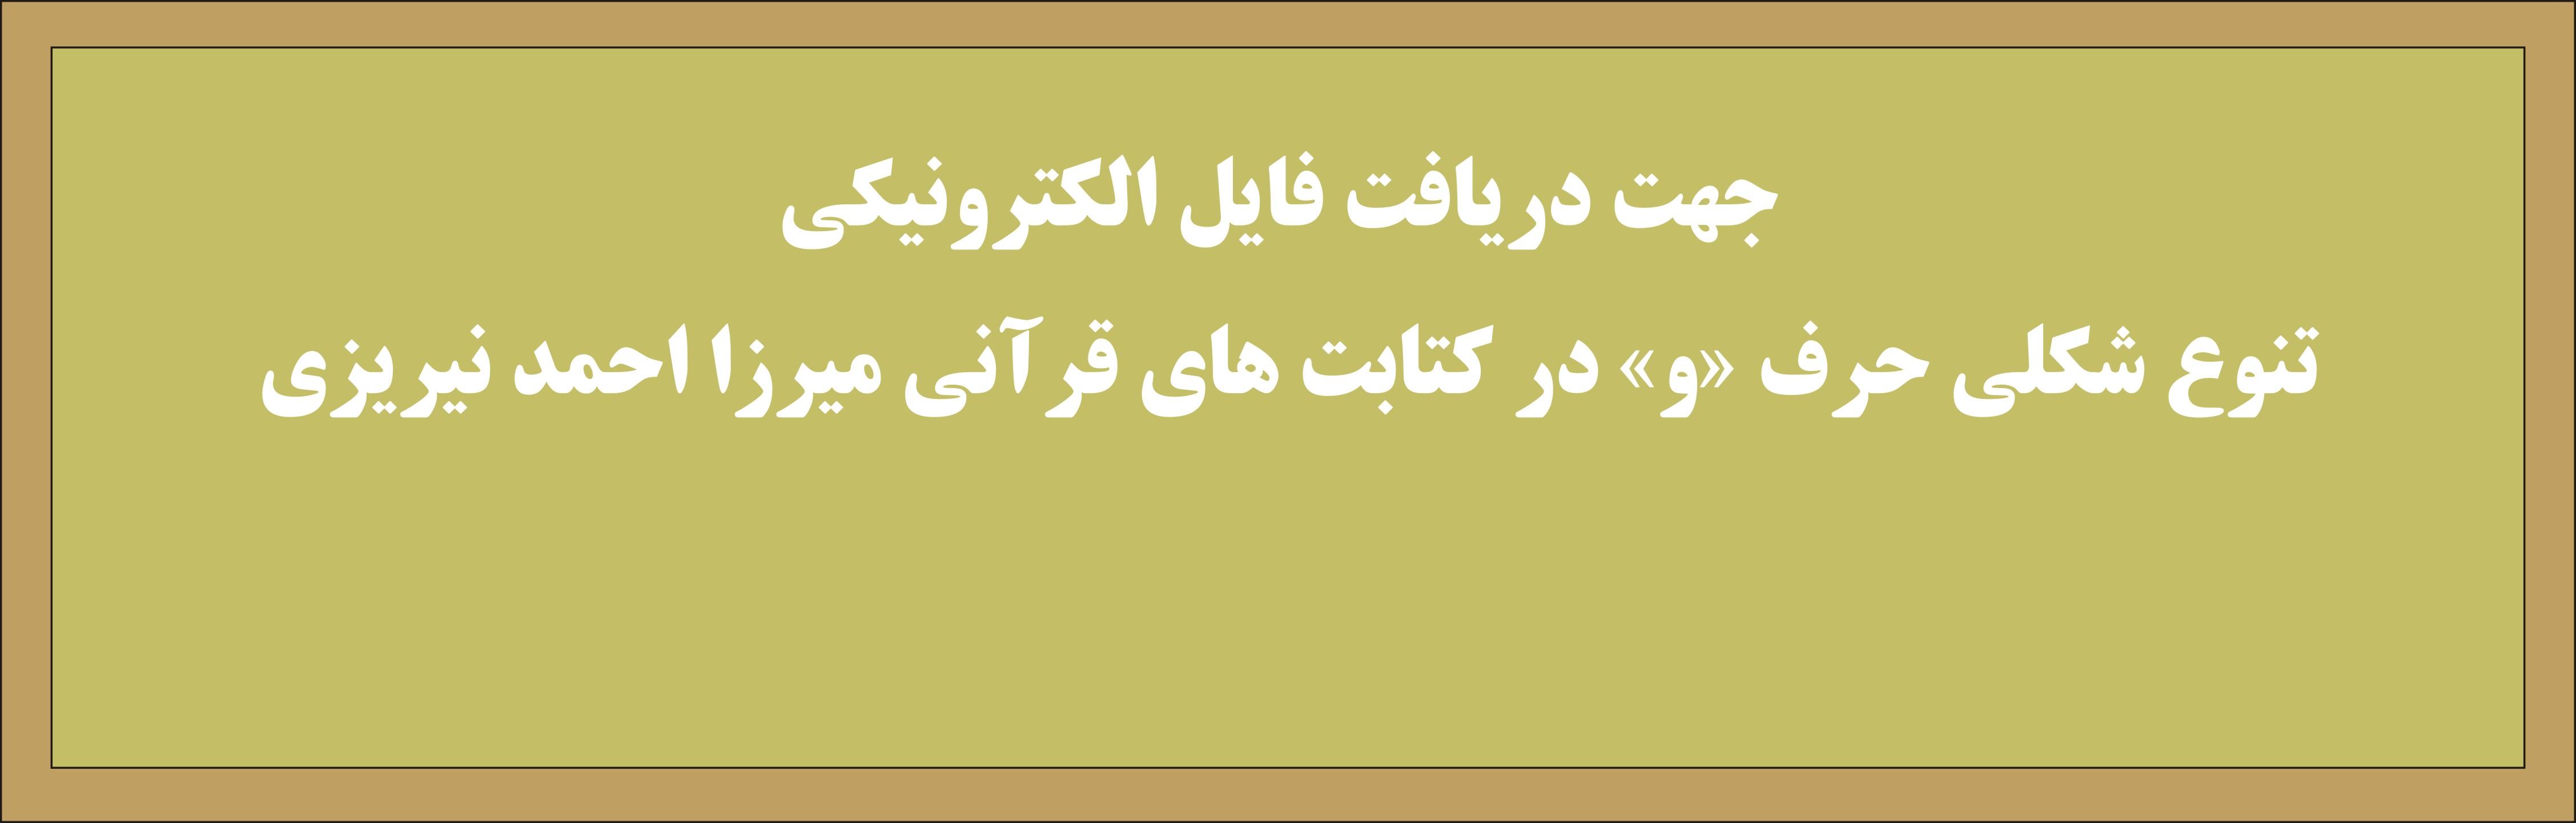 تنوع شکلی حرف «و» در کتابت های قرآنی احمدنیریزی